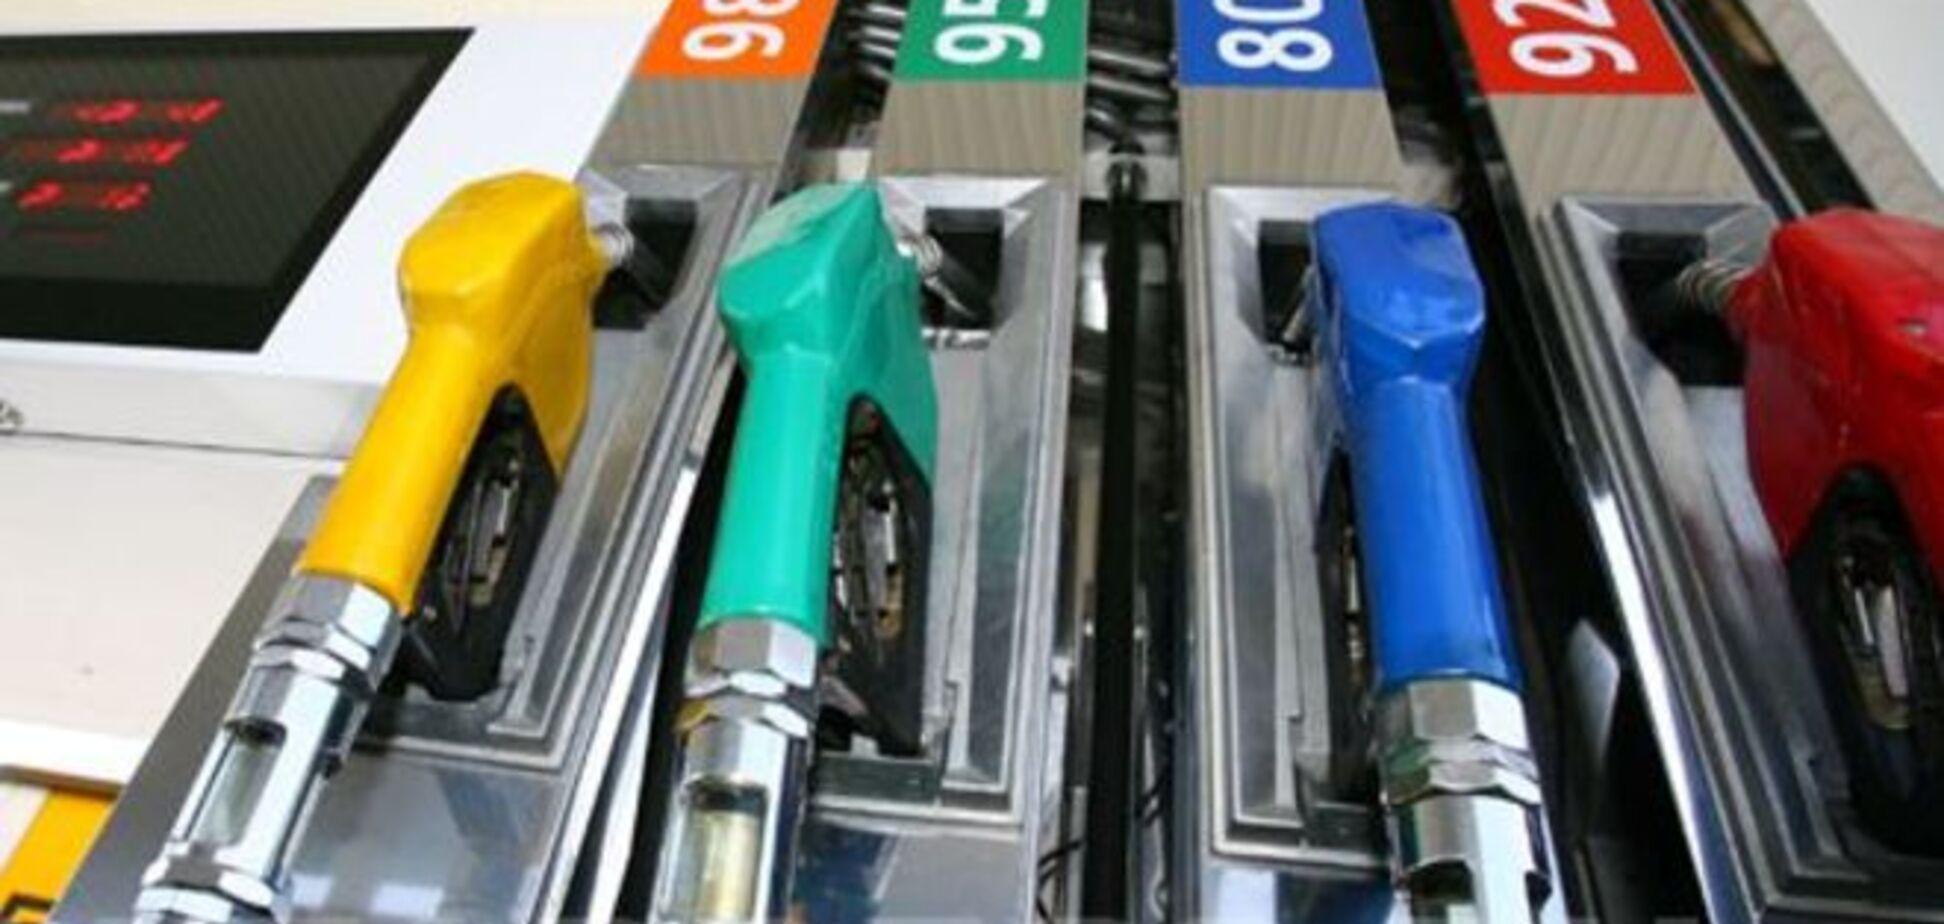 Скільки коштує бензин на різних АЗС України: 'рейтинг' цін на паливо